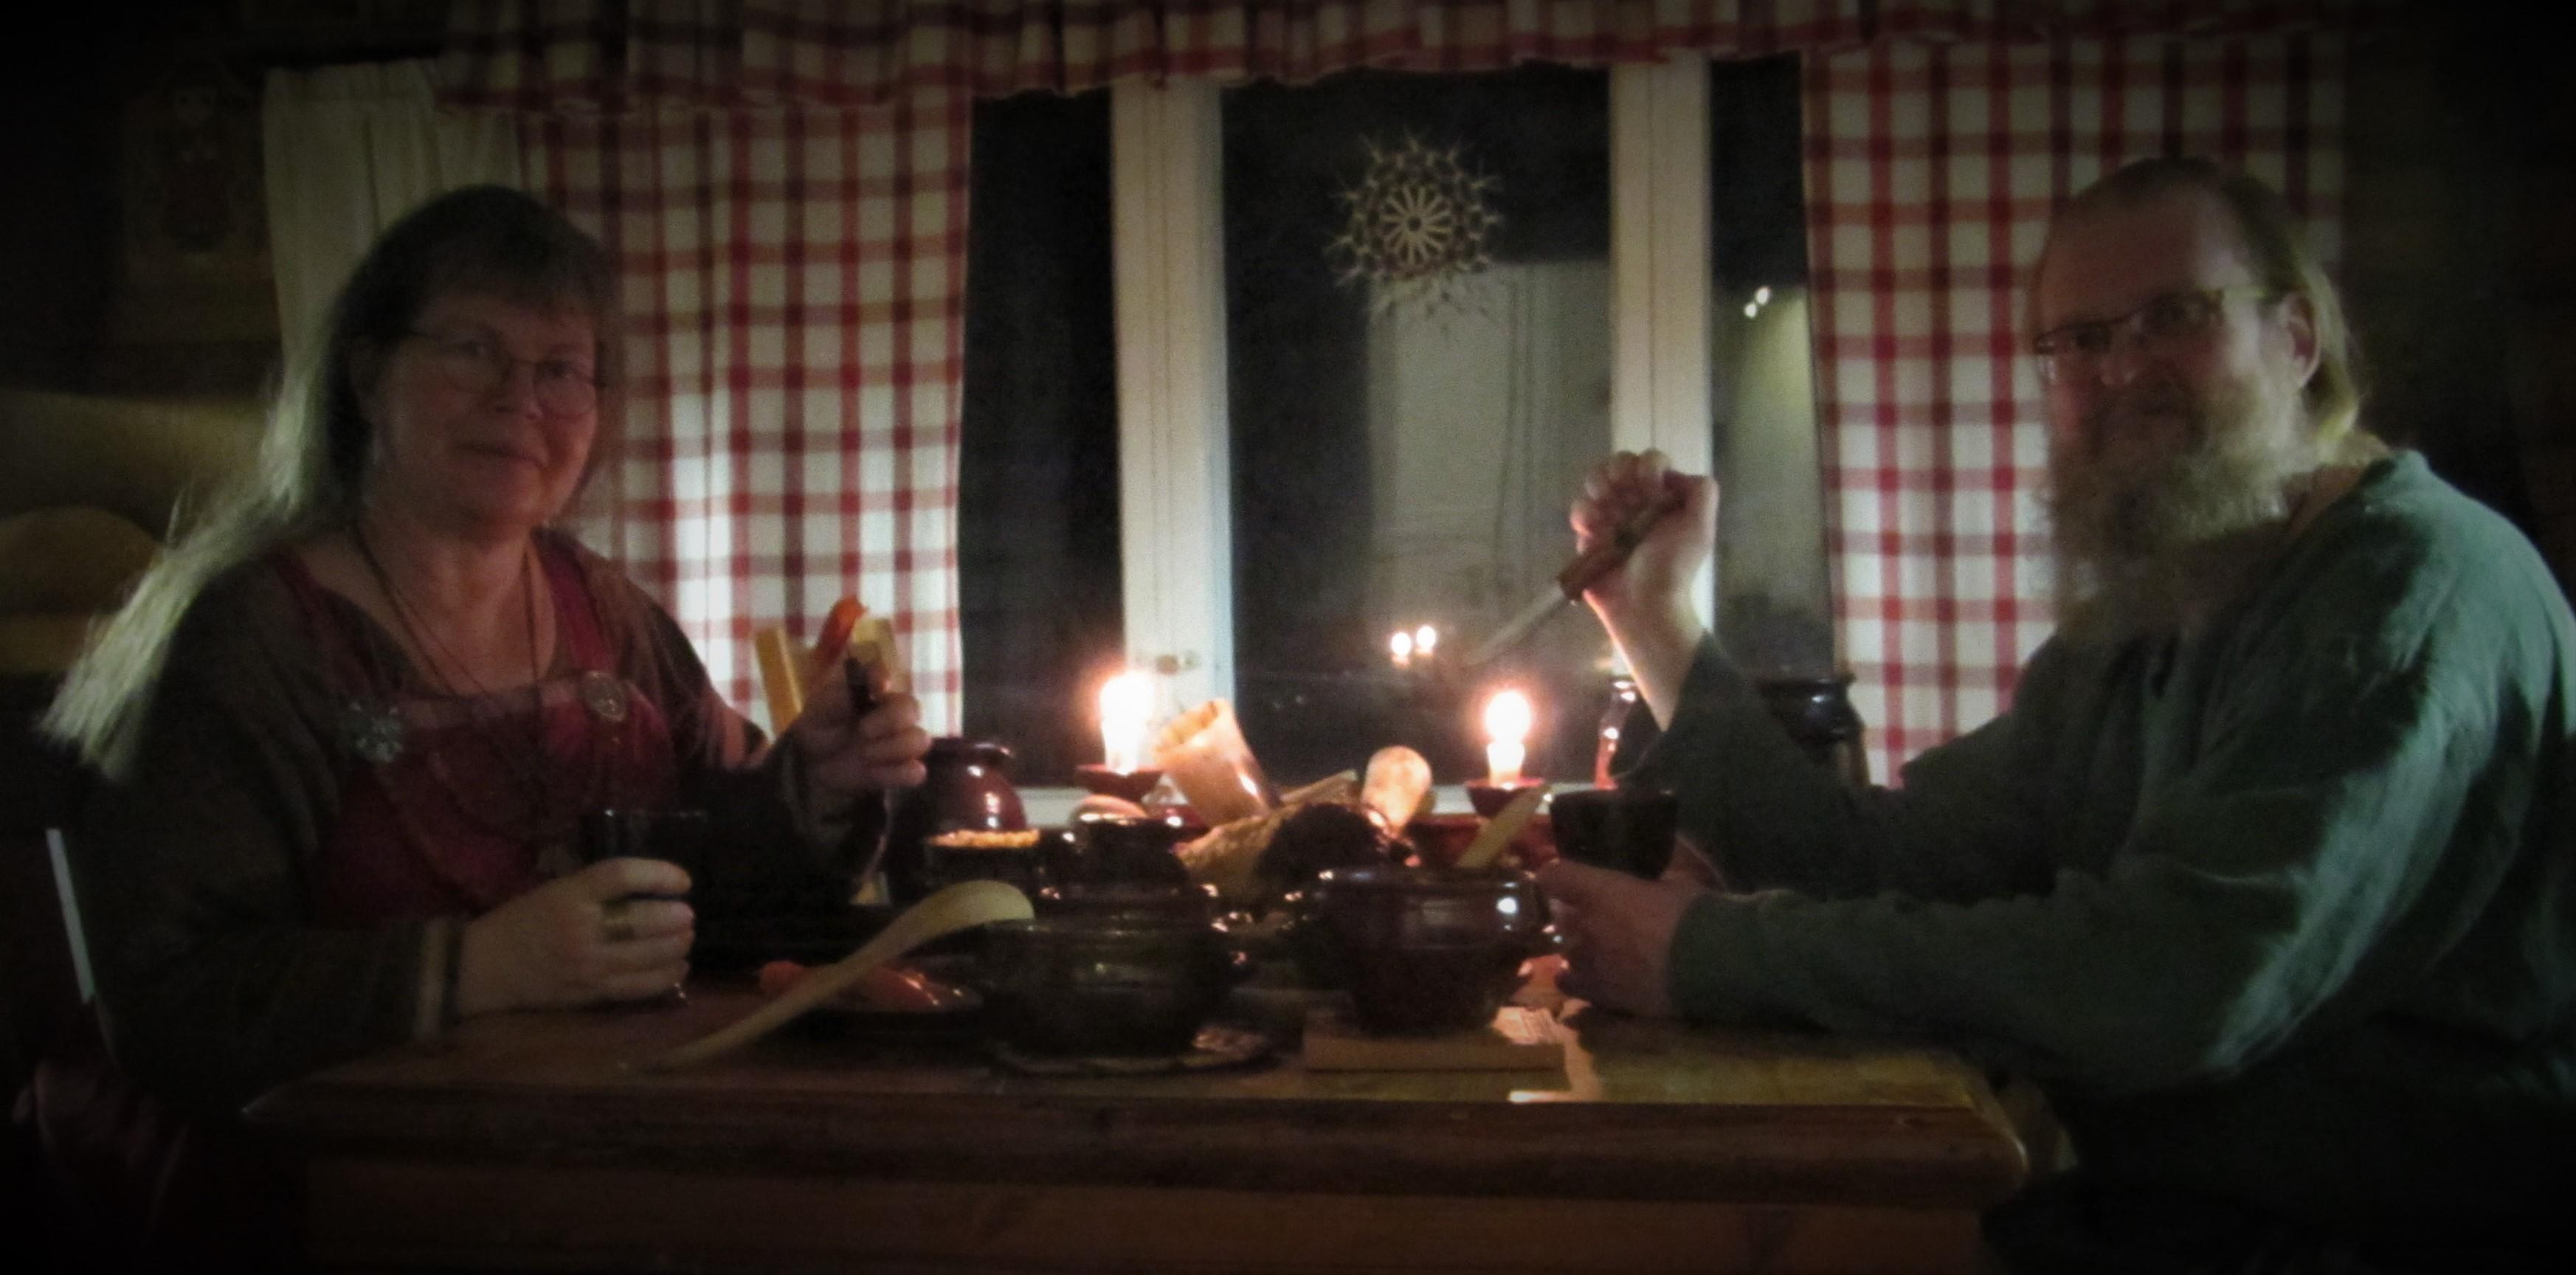 Kielomäki_joulupöytä_isäntäväki